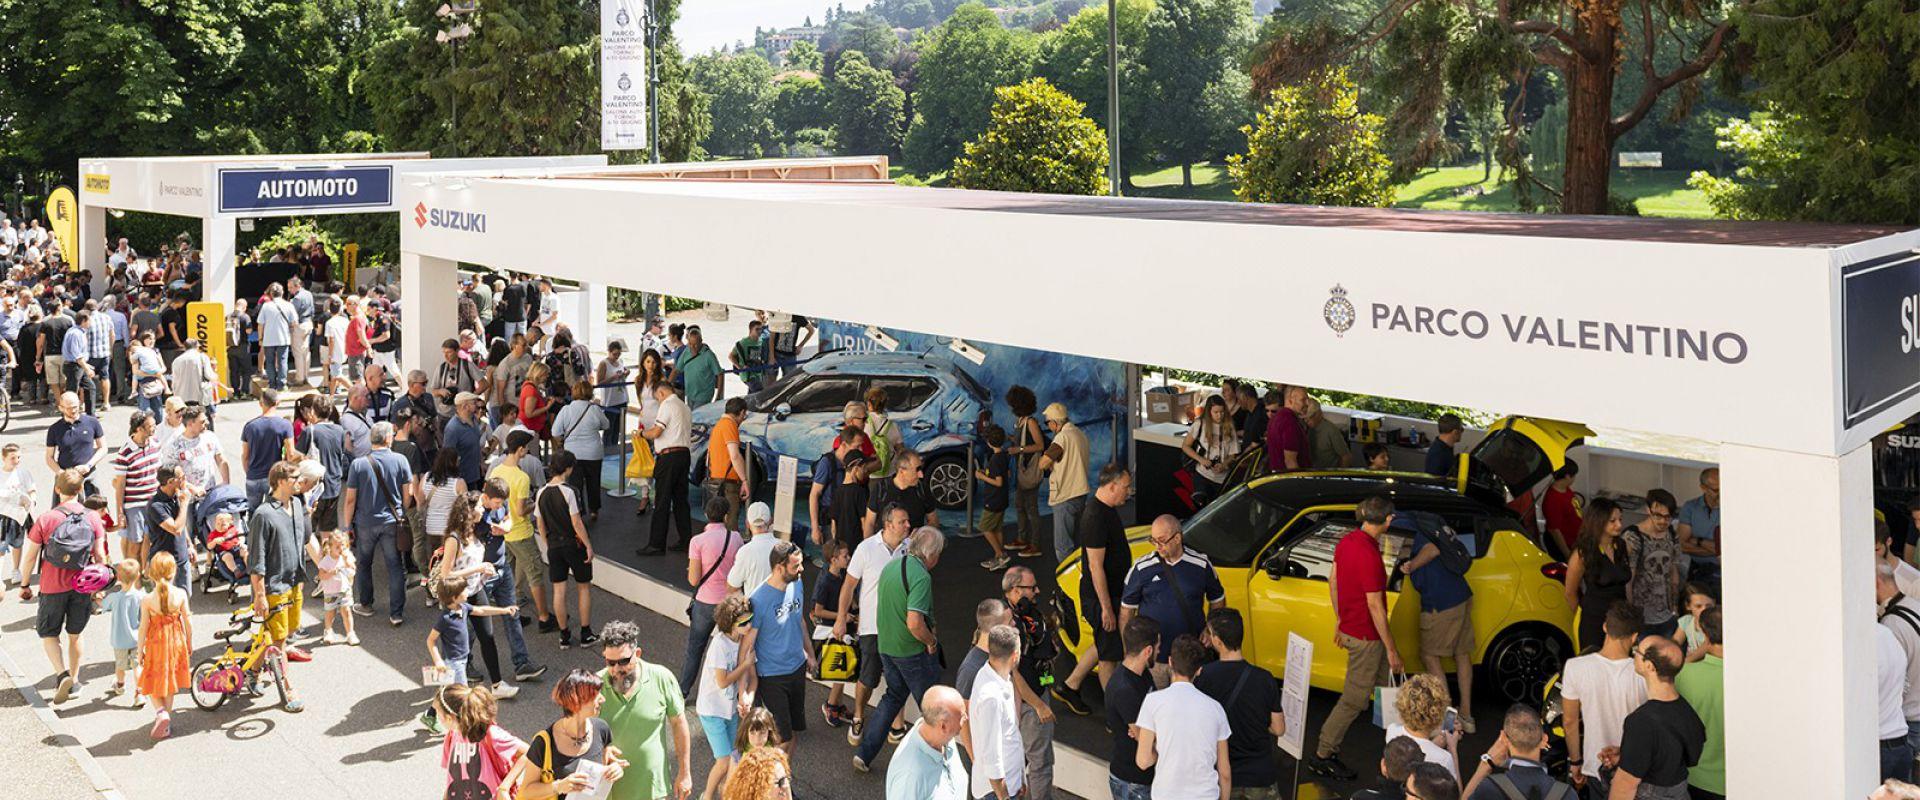 Salone Parco Valentino Parco Valentino - Salone Auto Torino